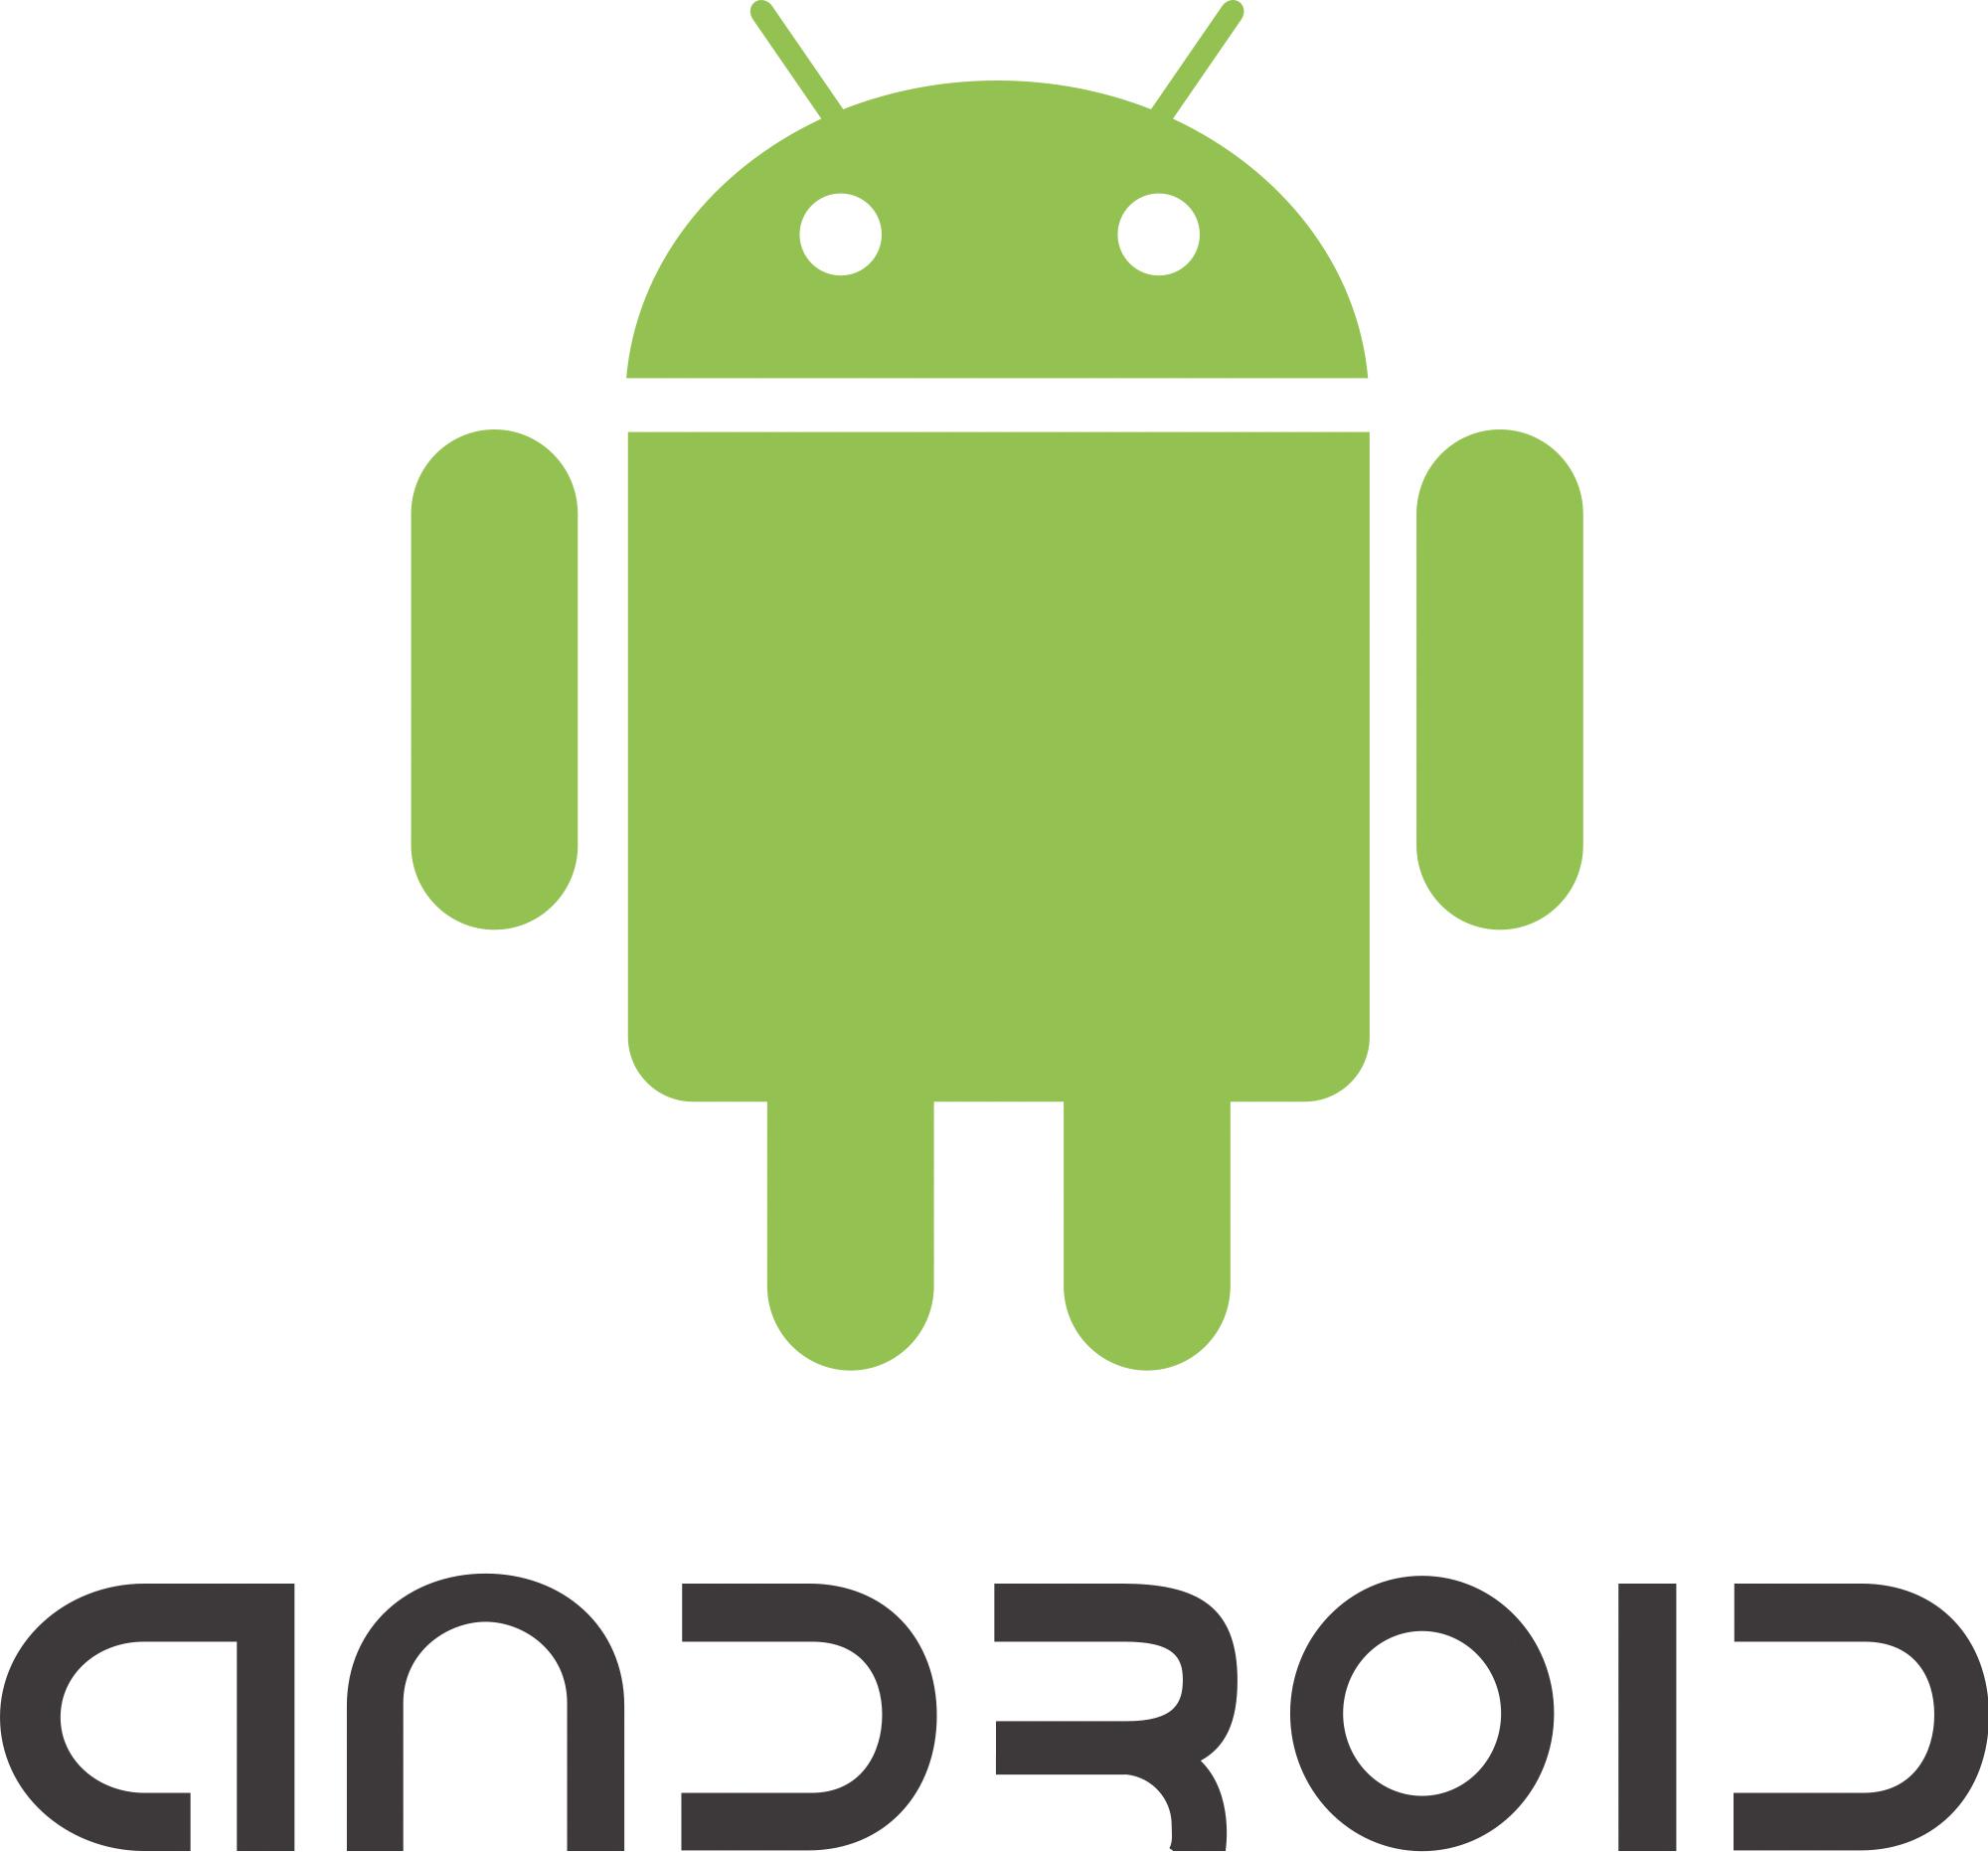 Controllare le reflex Canon con i dispositivi Android